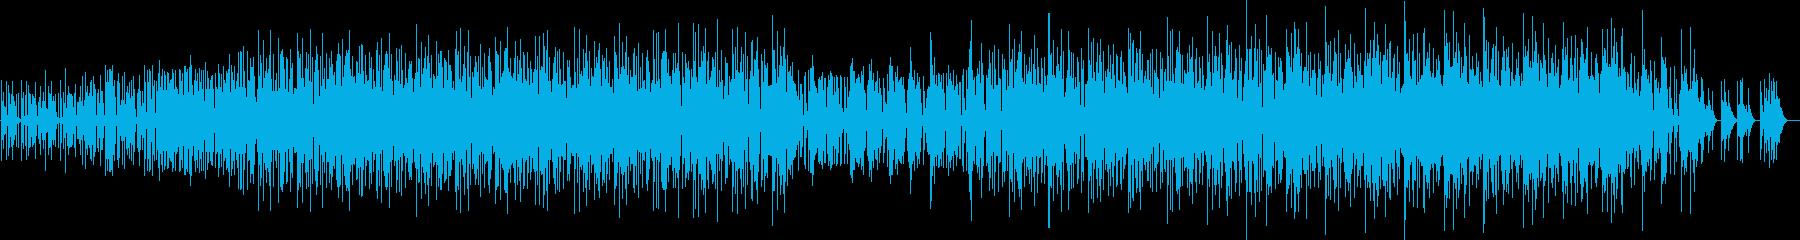 パーカッシブなミニマルファンクの再生済みの波形